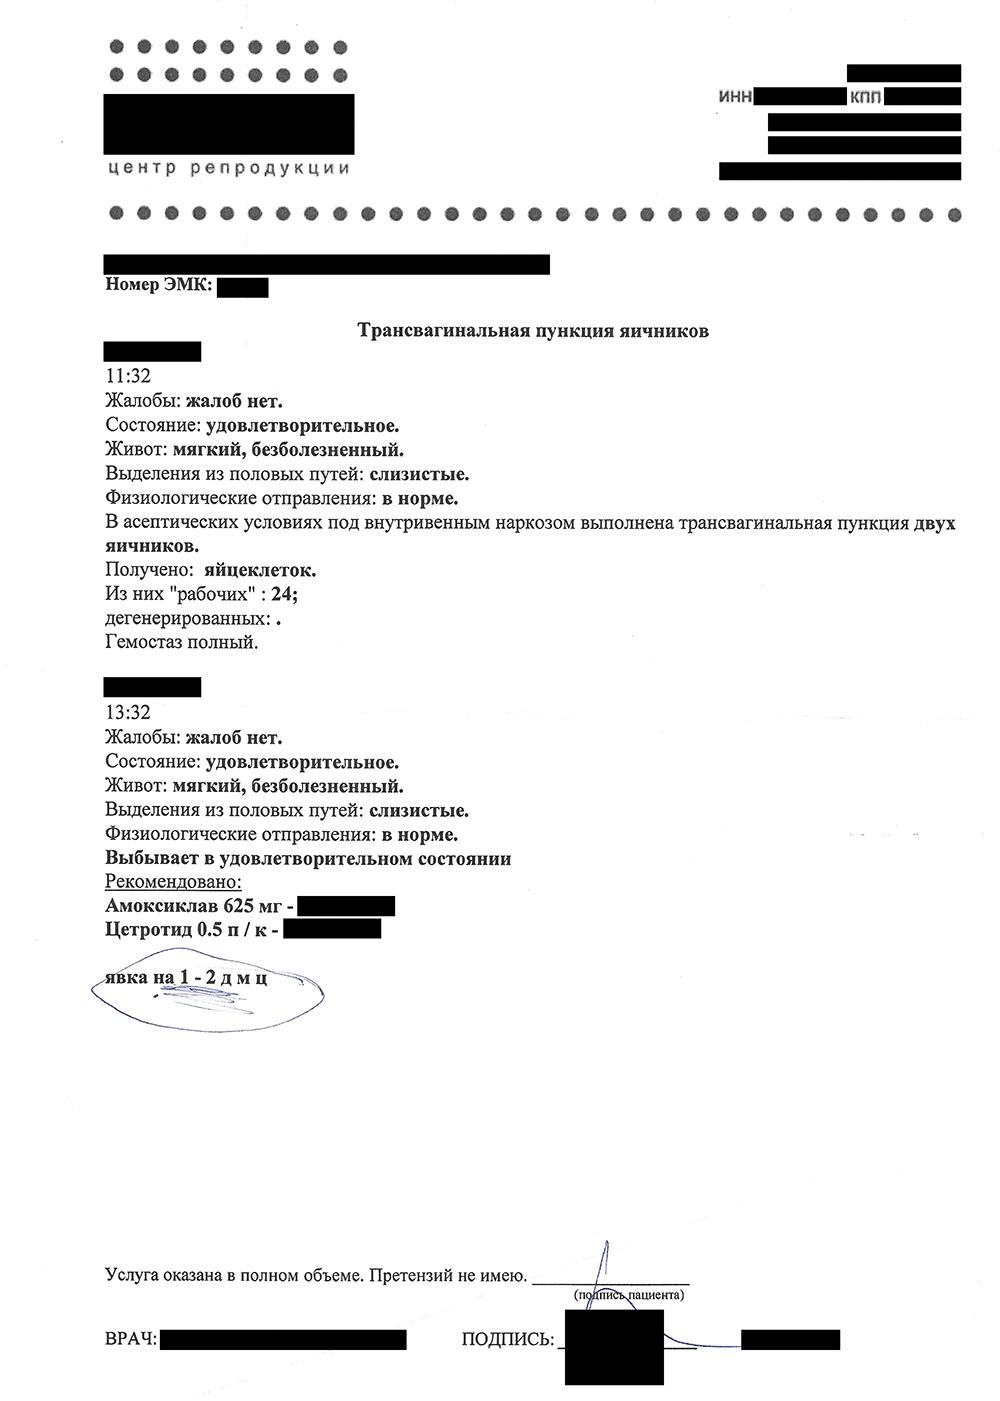 Эти документы мне дали в клинике сразу после пункции